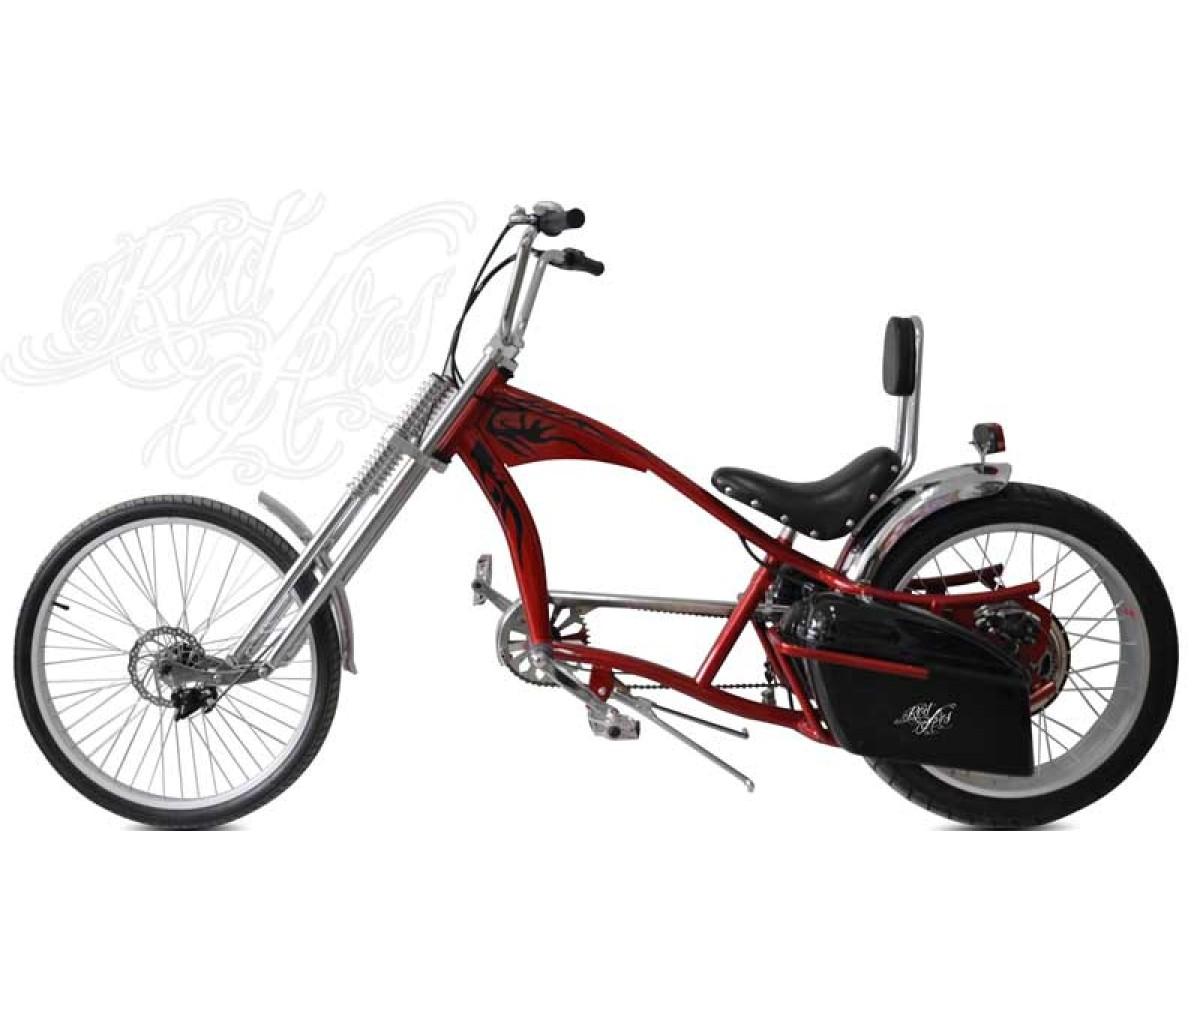 Bikelec Chopper Redzepellin - Características y precio de la bici ...